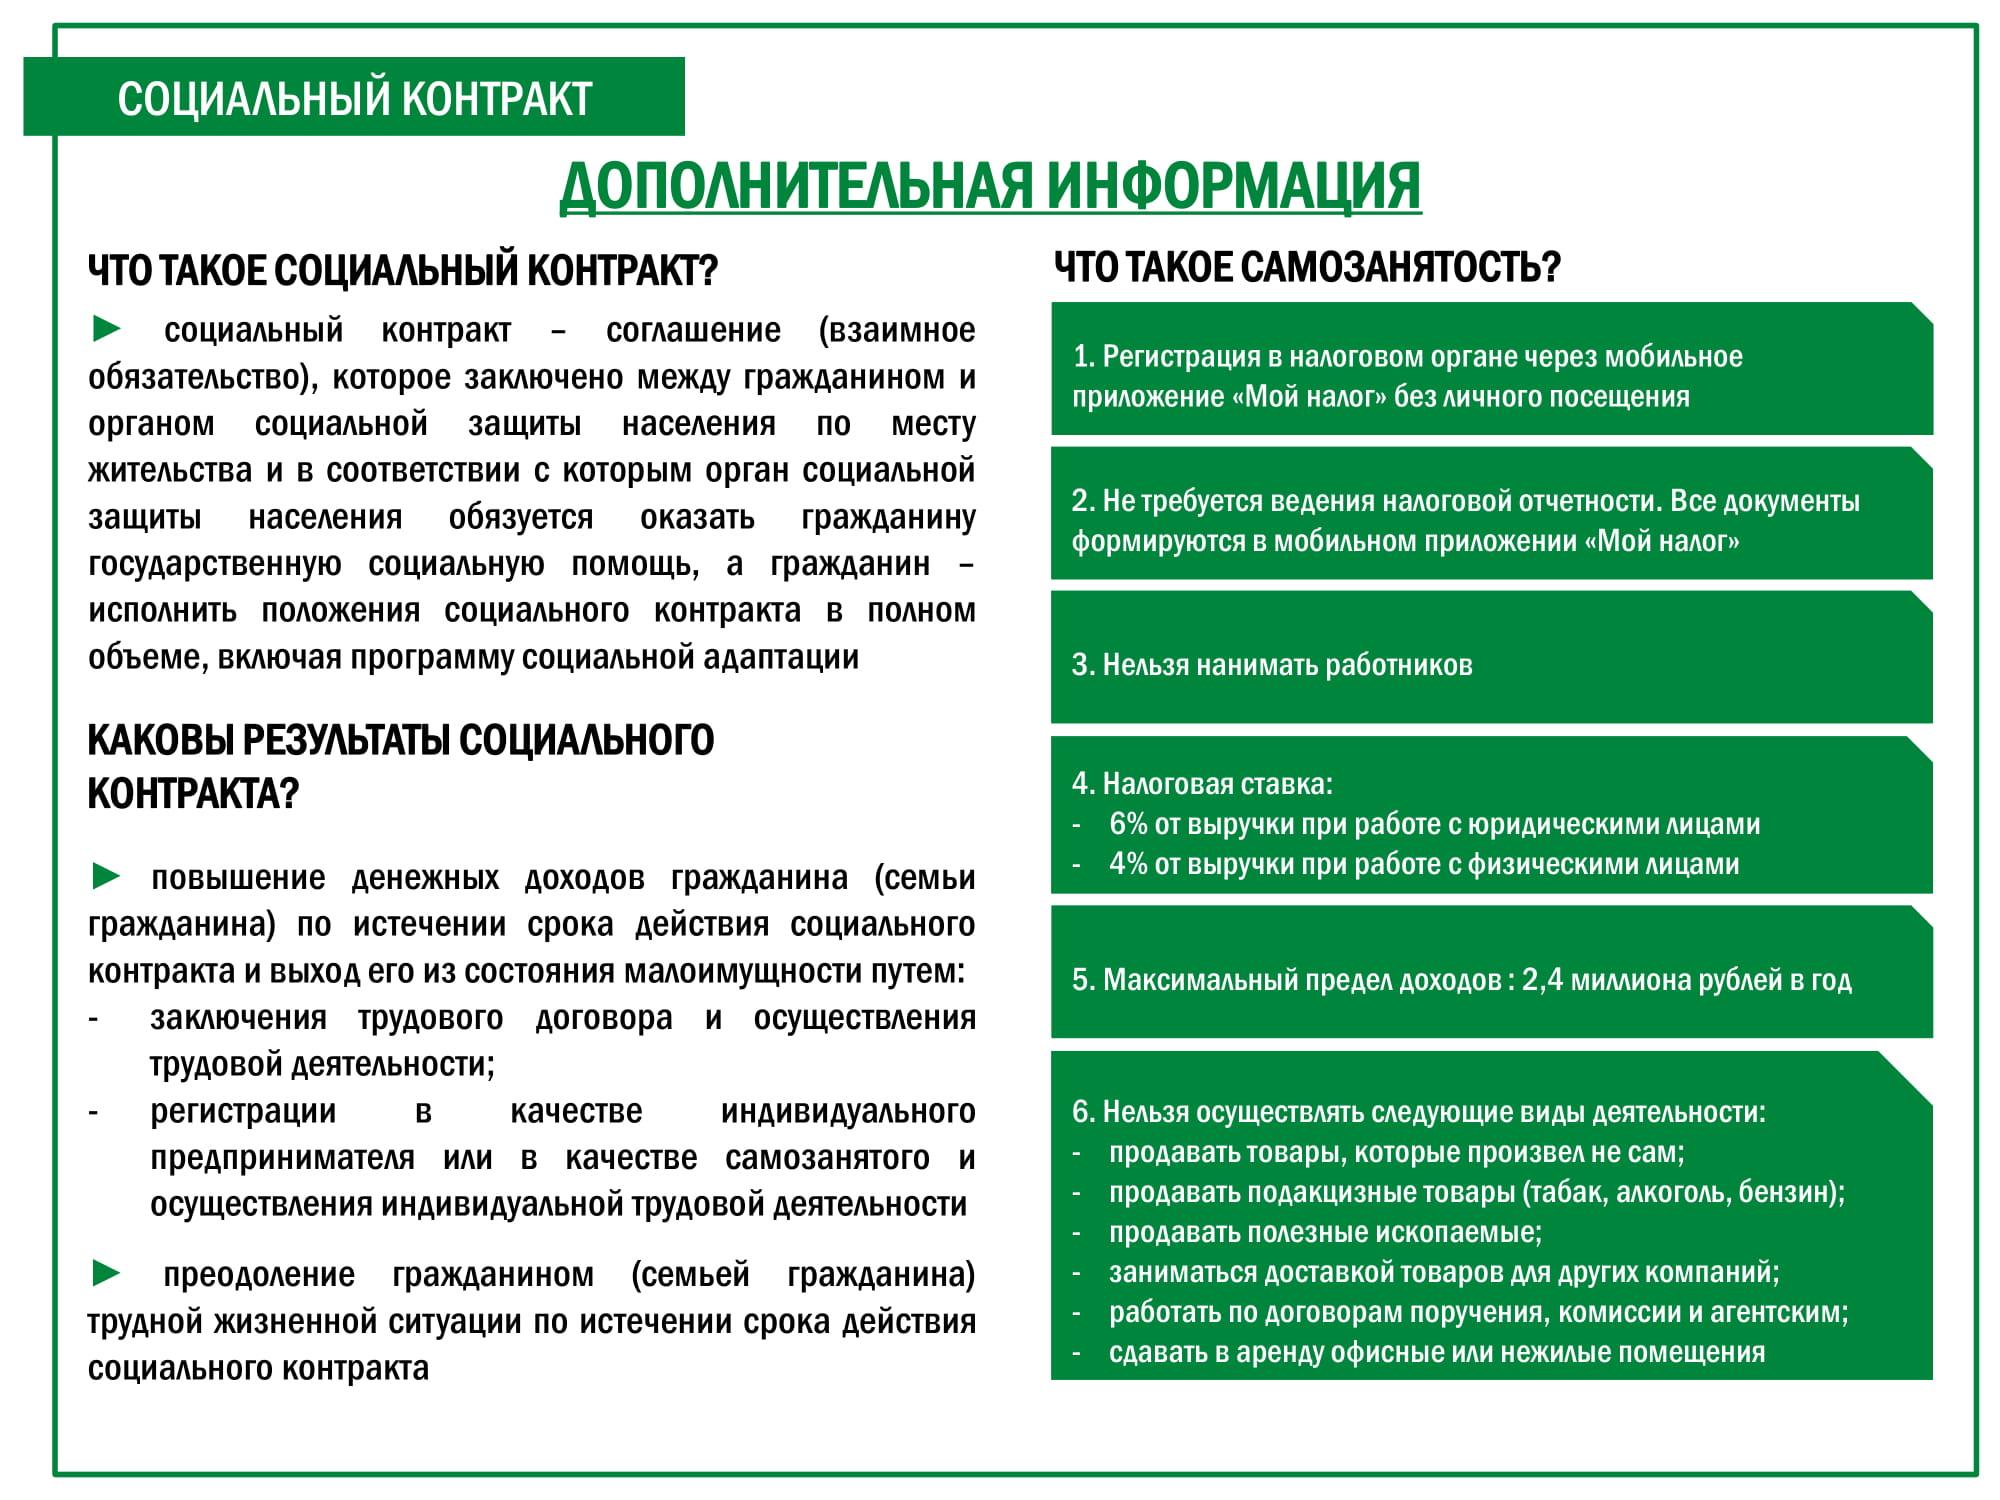 socialnyy_kontrakt_2021_dlya_publikacii-7